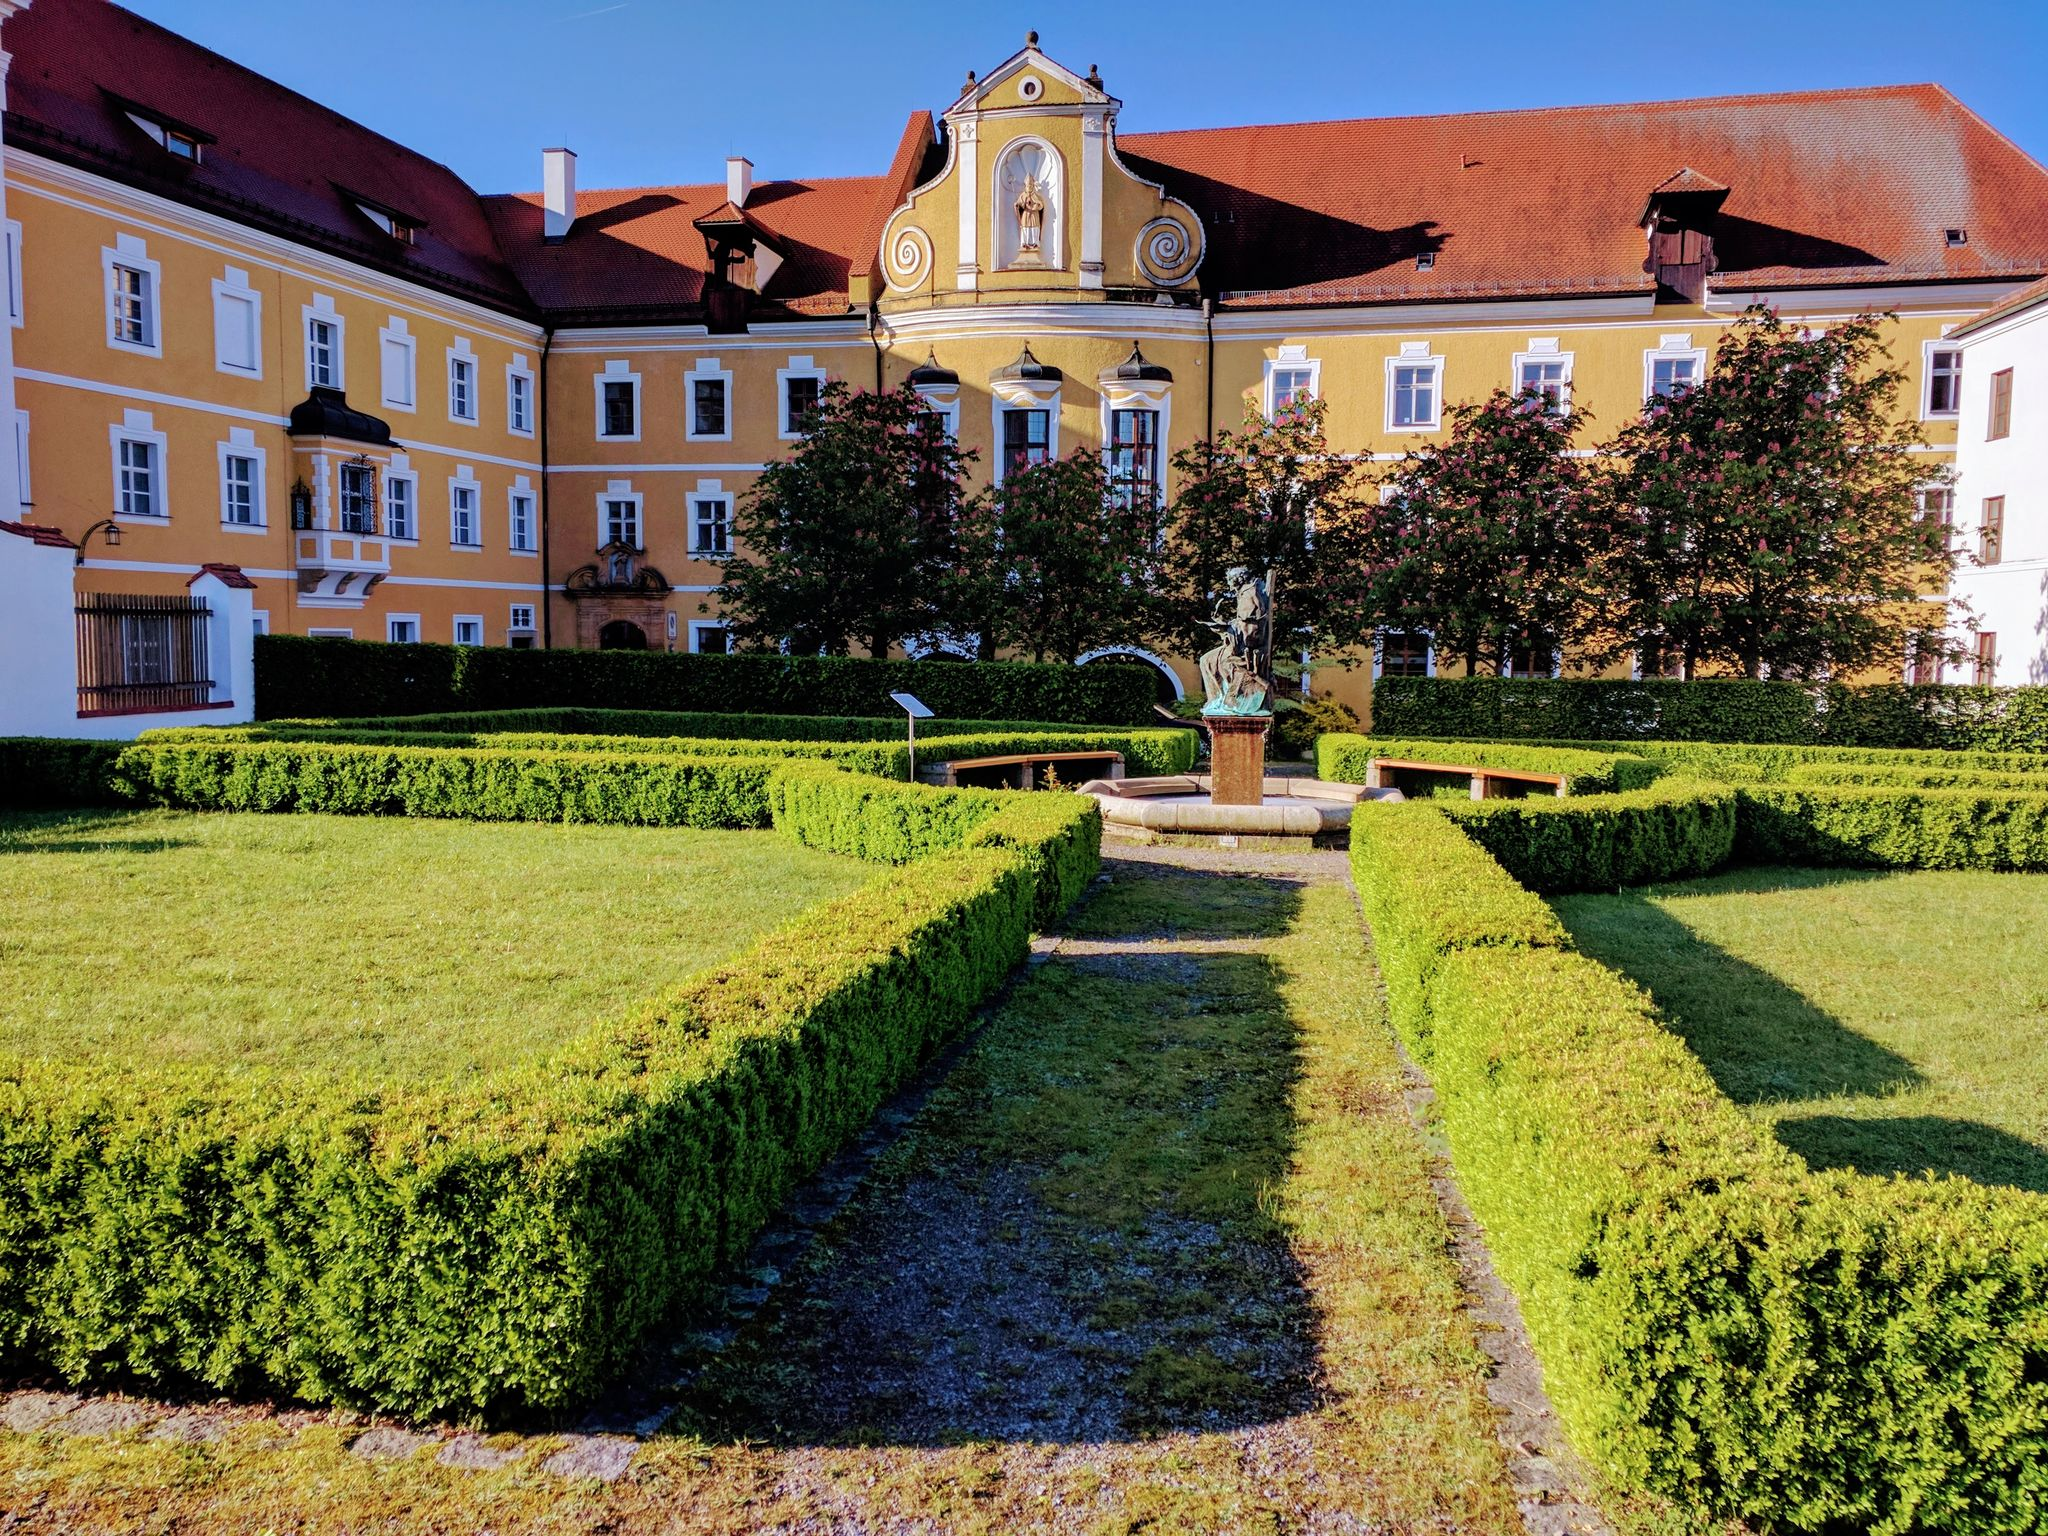 Kloster Walderbach